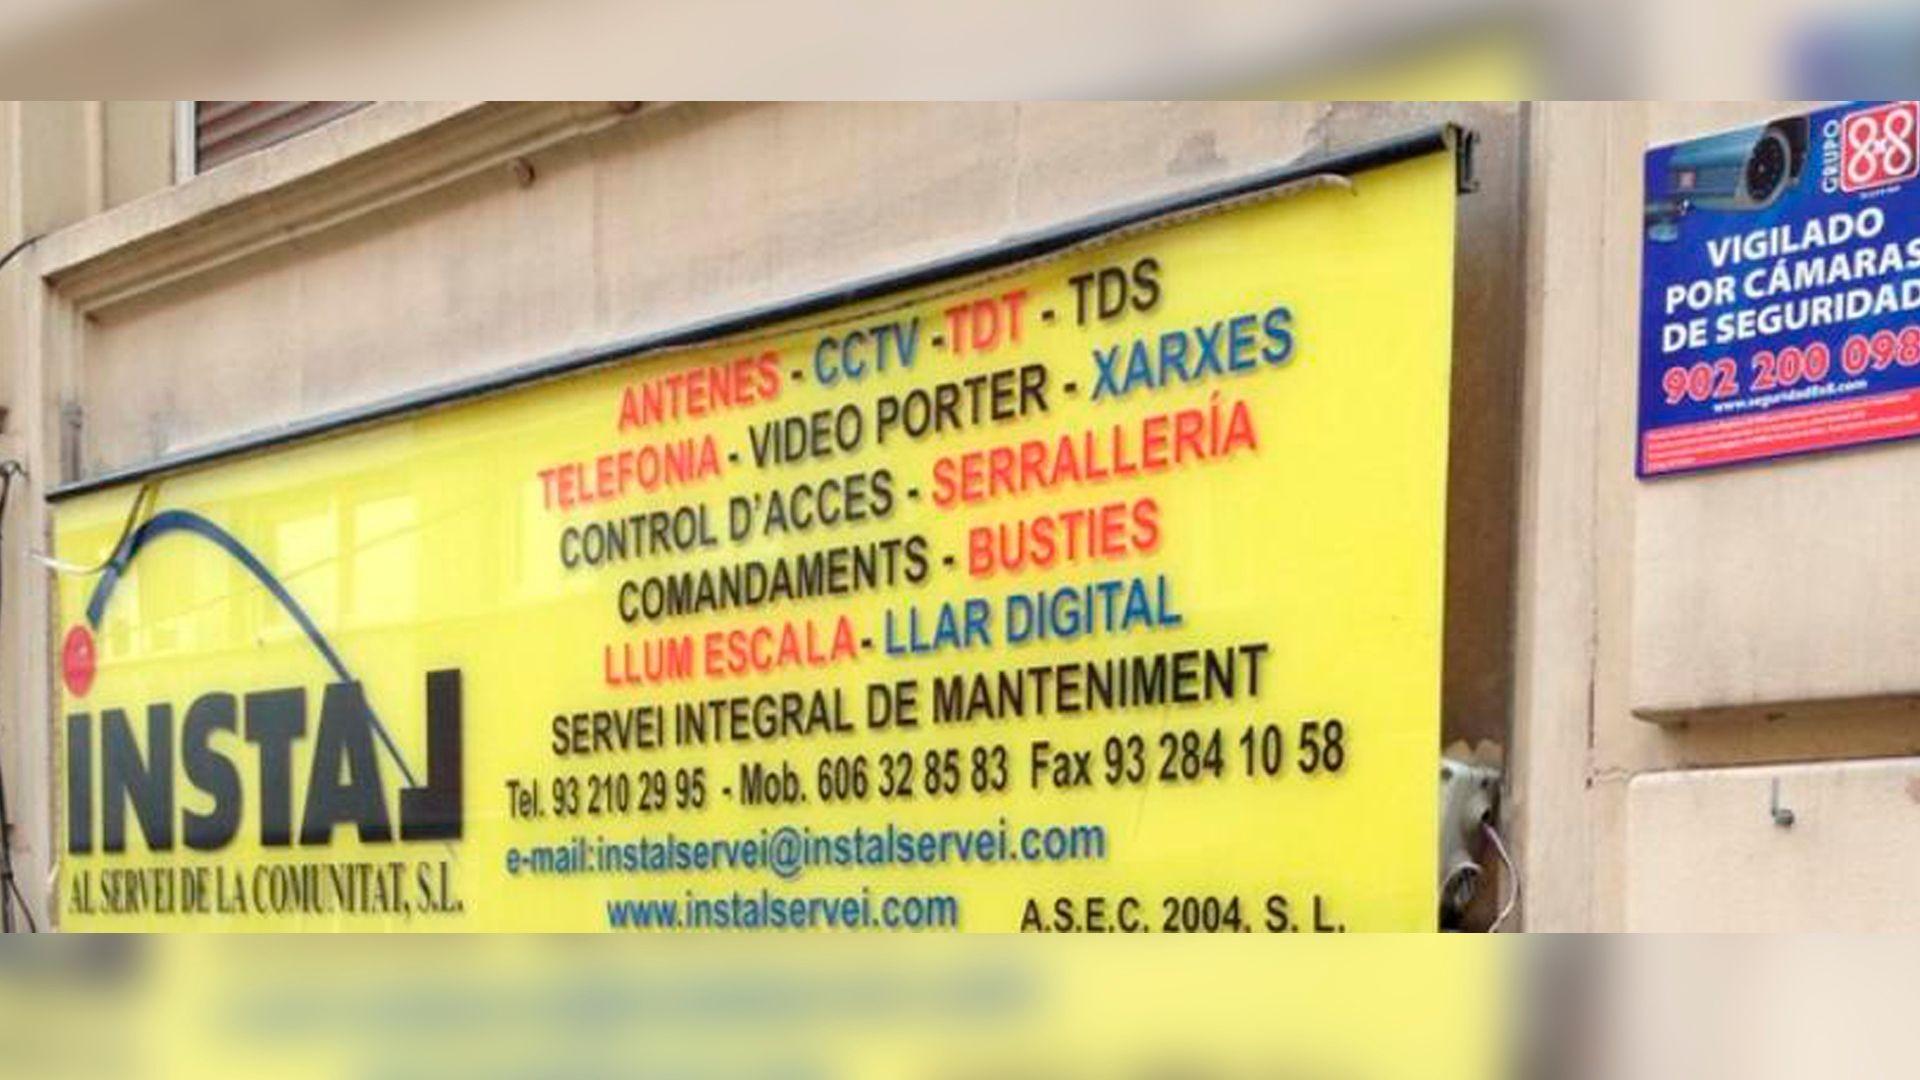 Sistemas de cámaras de seguridad, videoporteros y antenas en Gràcia, Barcelona